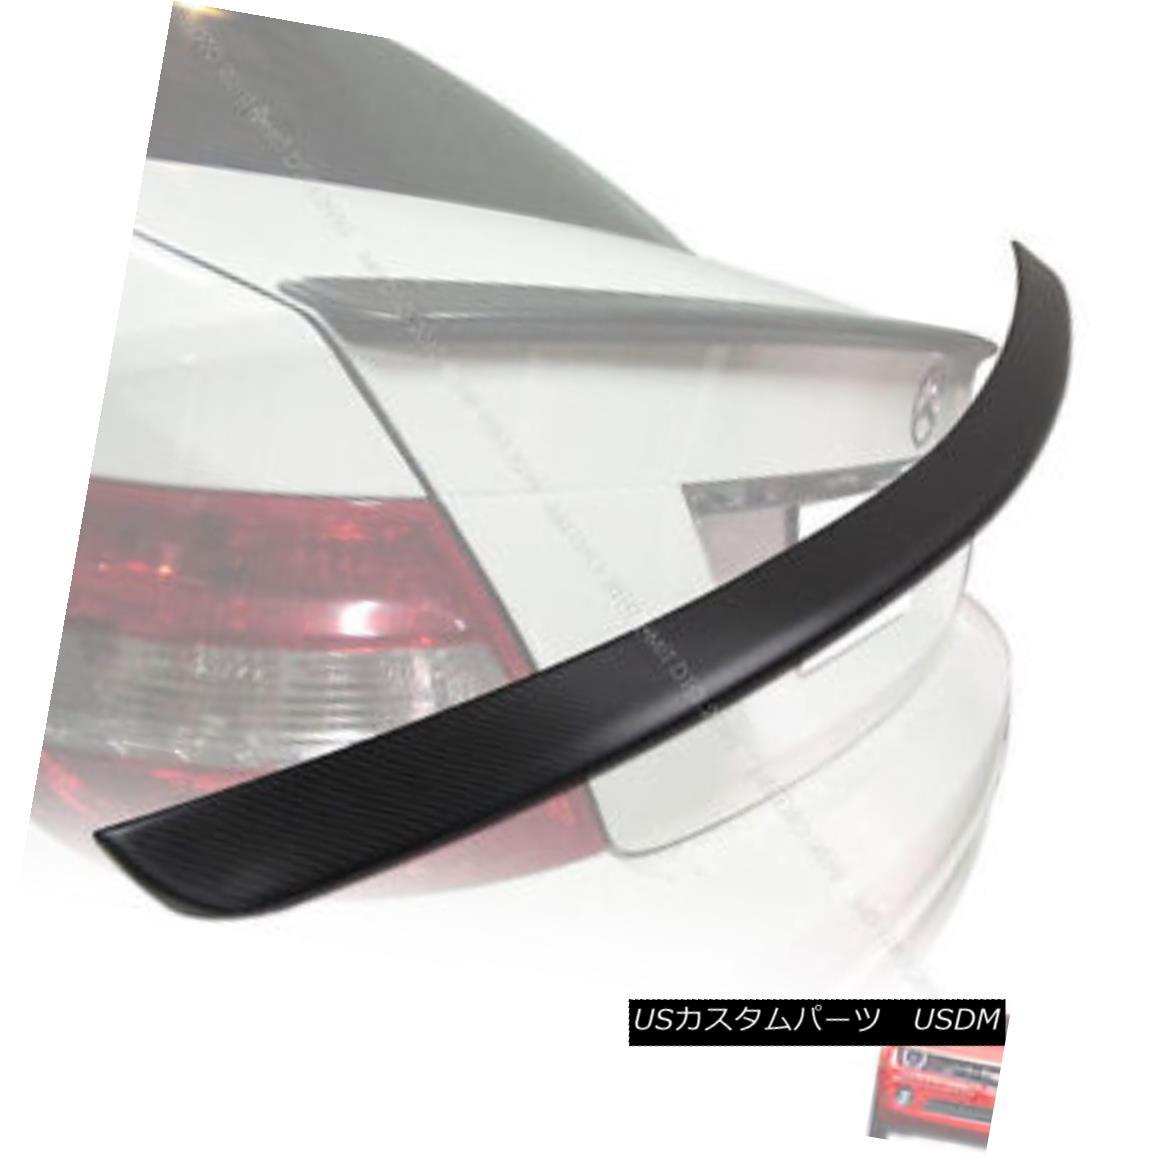 エアロパーツ Carbon Fiber Matte Black Mercedes BENZ W204 Sedan A Type Trunk Spoiler 08-13 § カーボンファイバーマットブラックメルセデスベンツW204セダンAタイプトランクスポイラー08-13